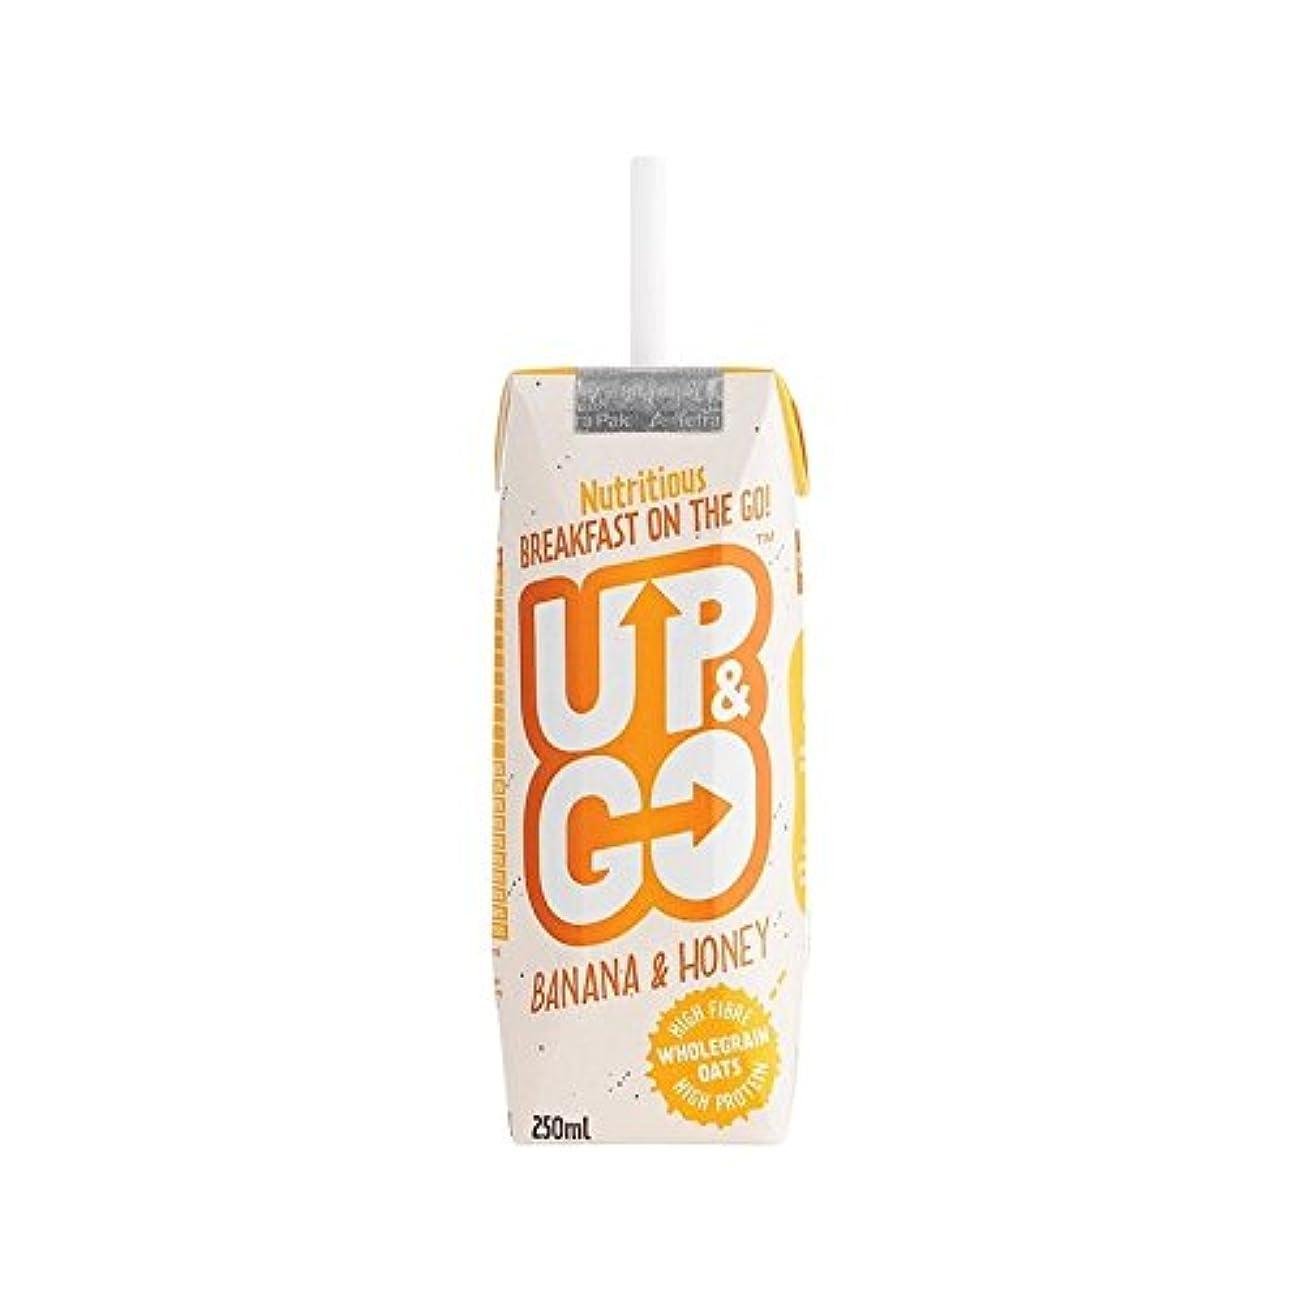 ファッション進化一般的なオート麦の250ミリリットルとバナナ&ハニー朝食ドリンク (Up&Go) - Up&Go Banana & Honey Breakfast Drink with Oats 250ml [並行輸入品]